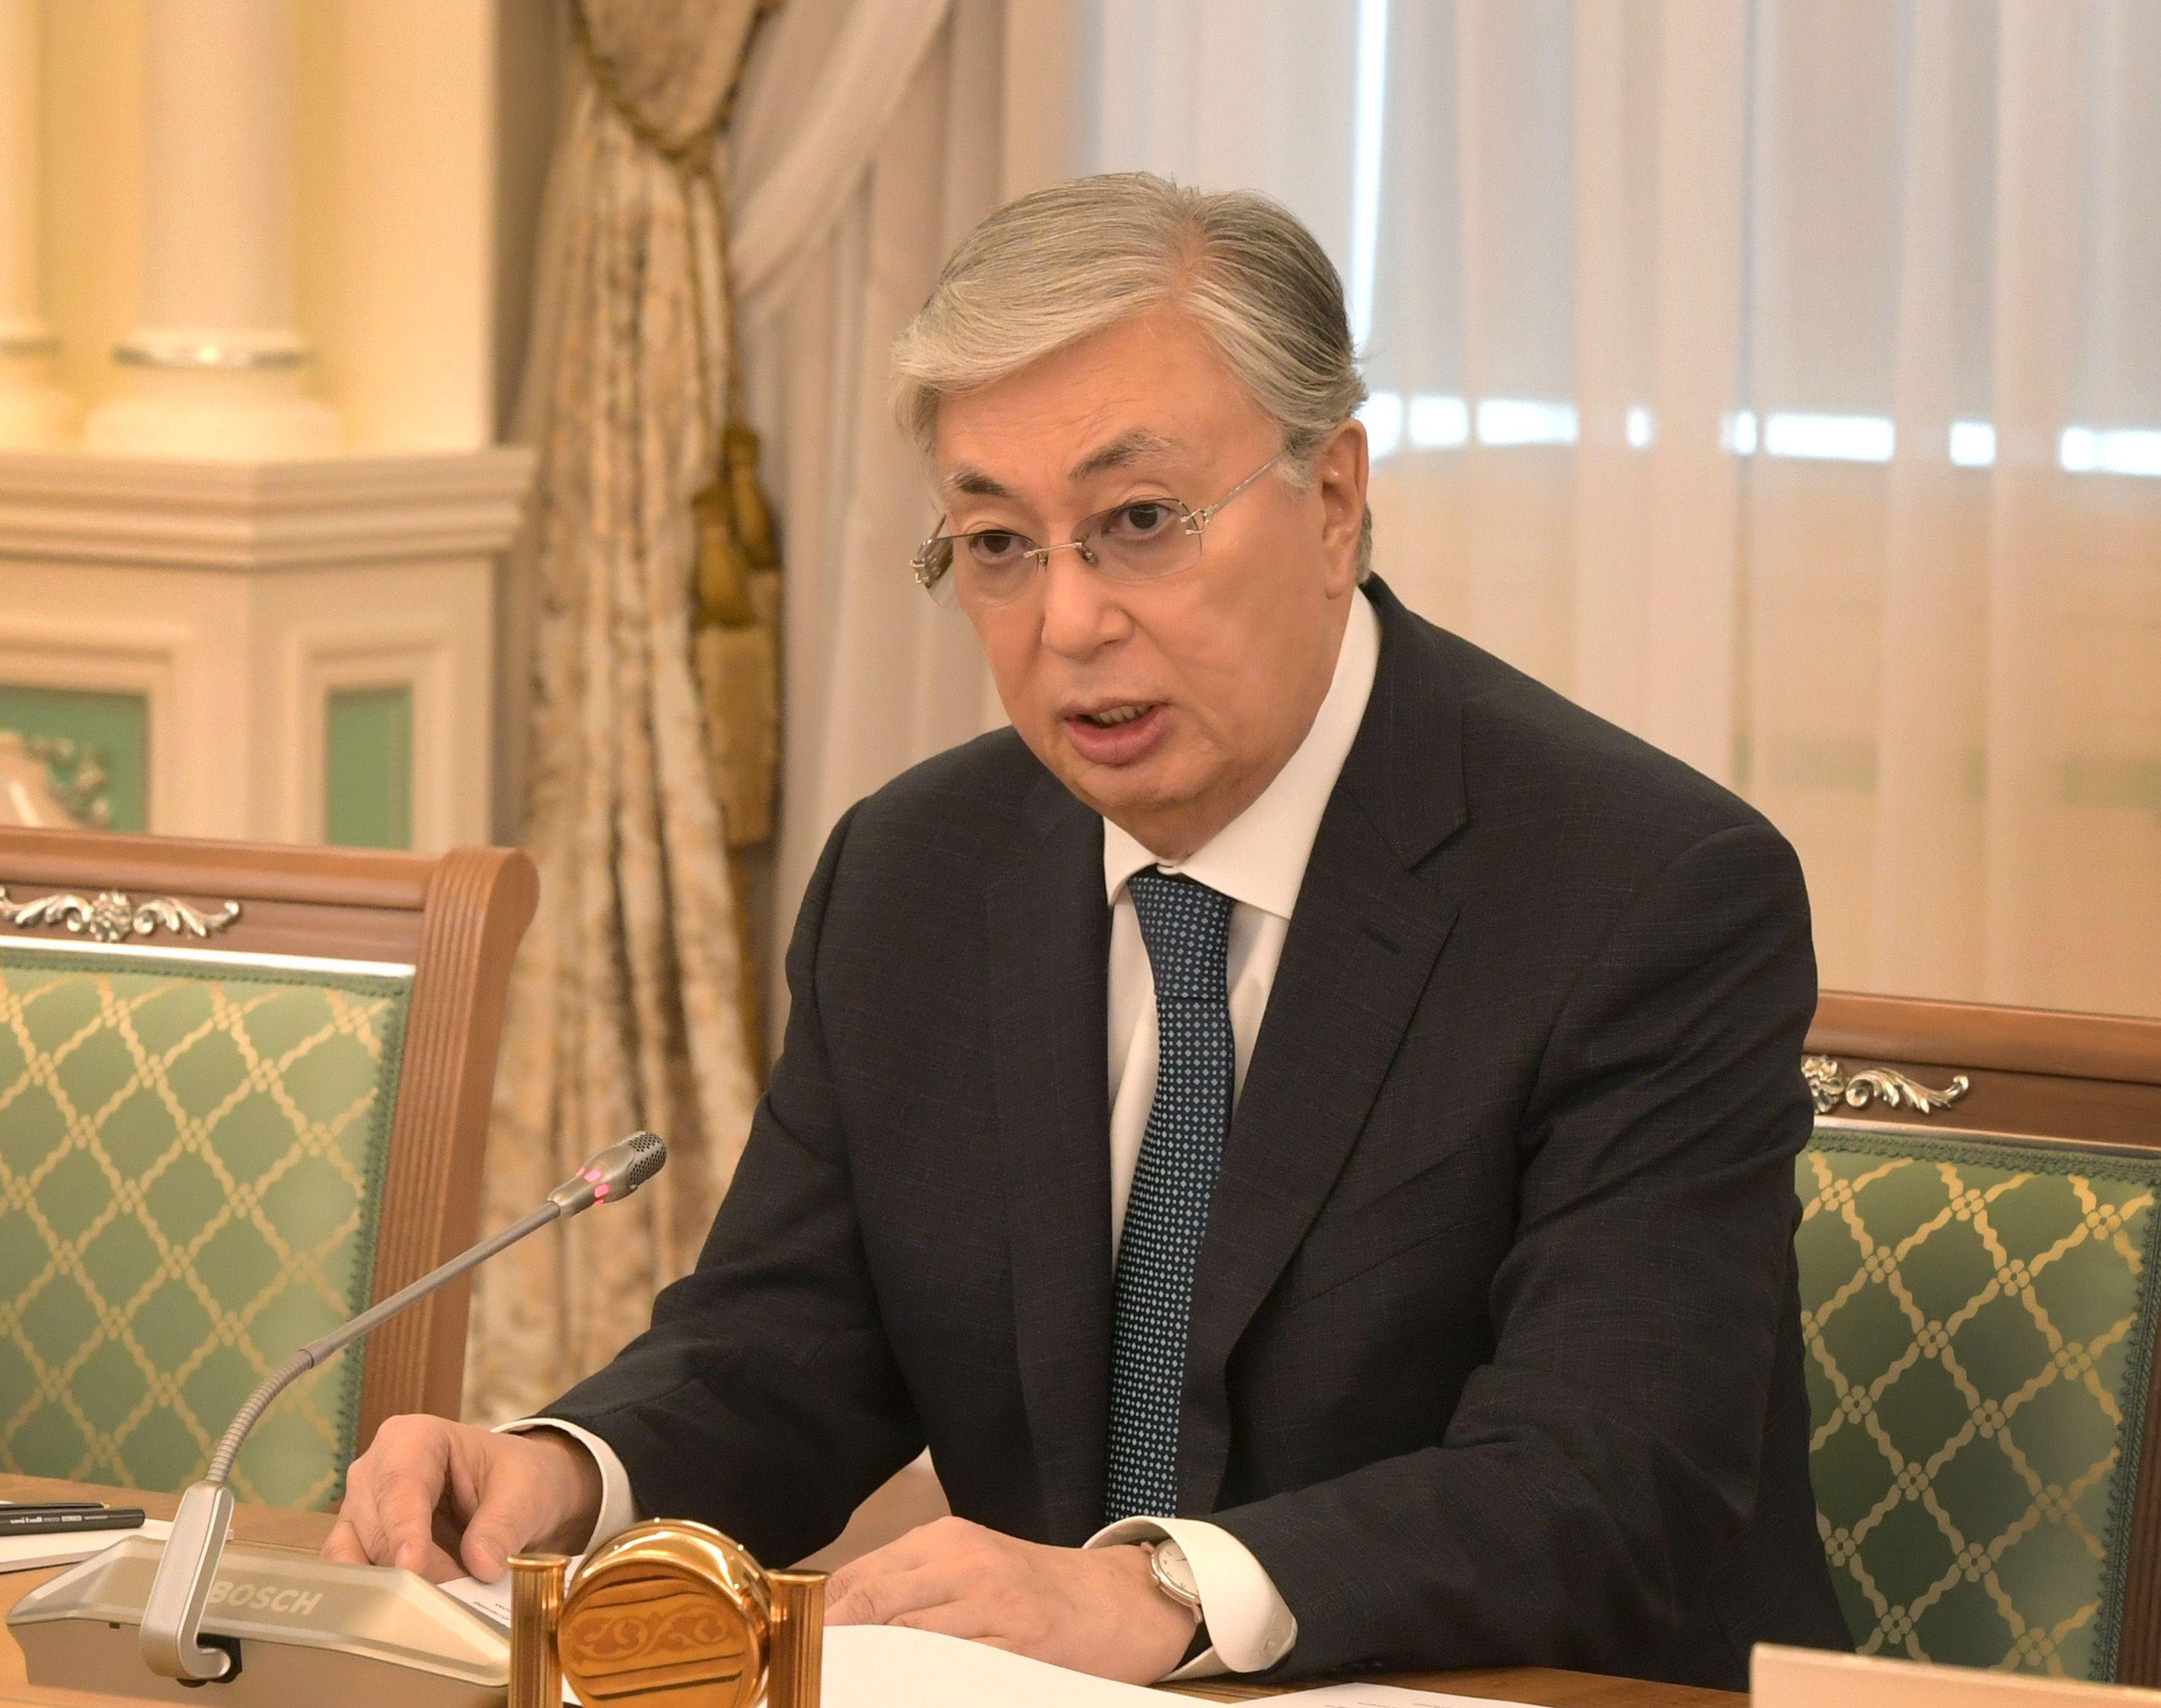 Казахстан и Кыргызстан договорились о расширении деловых связей  637528 - Kapital.kz